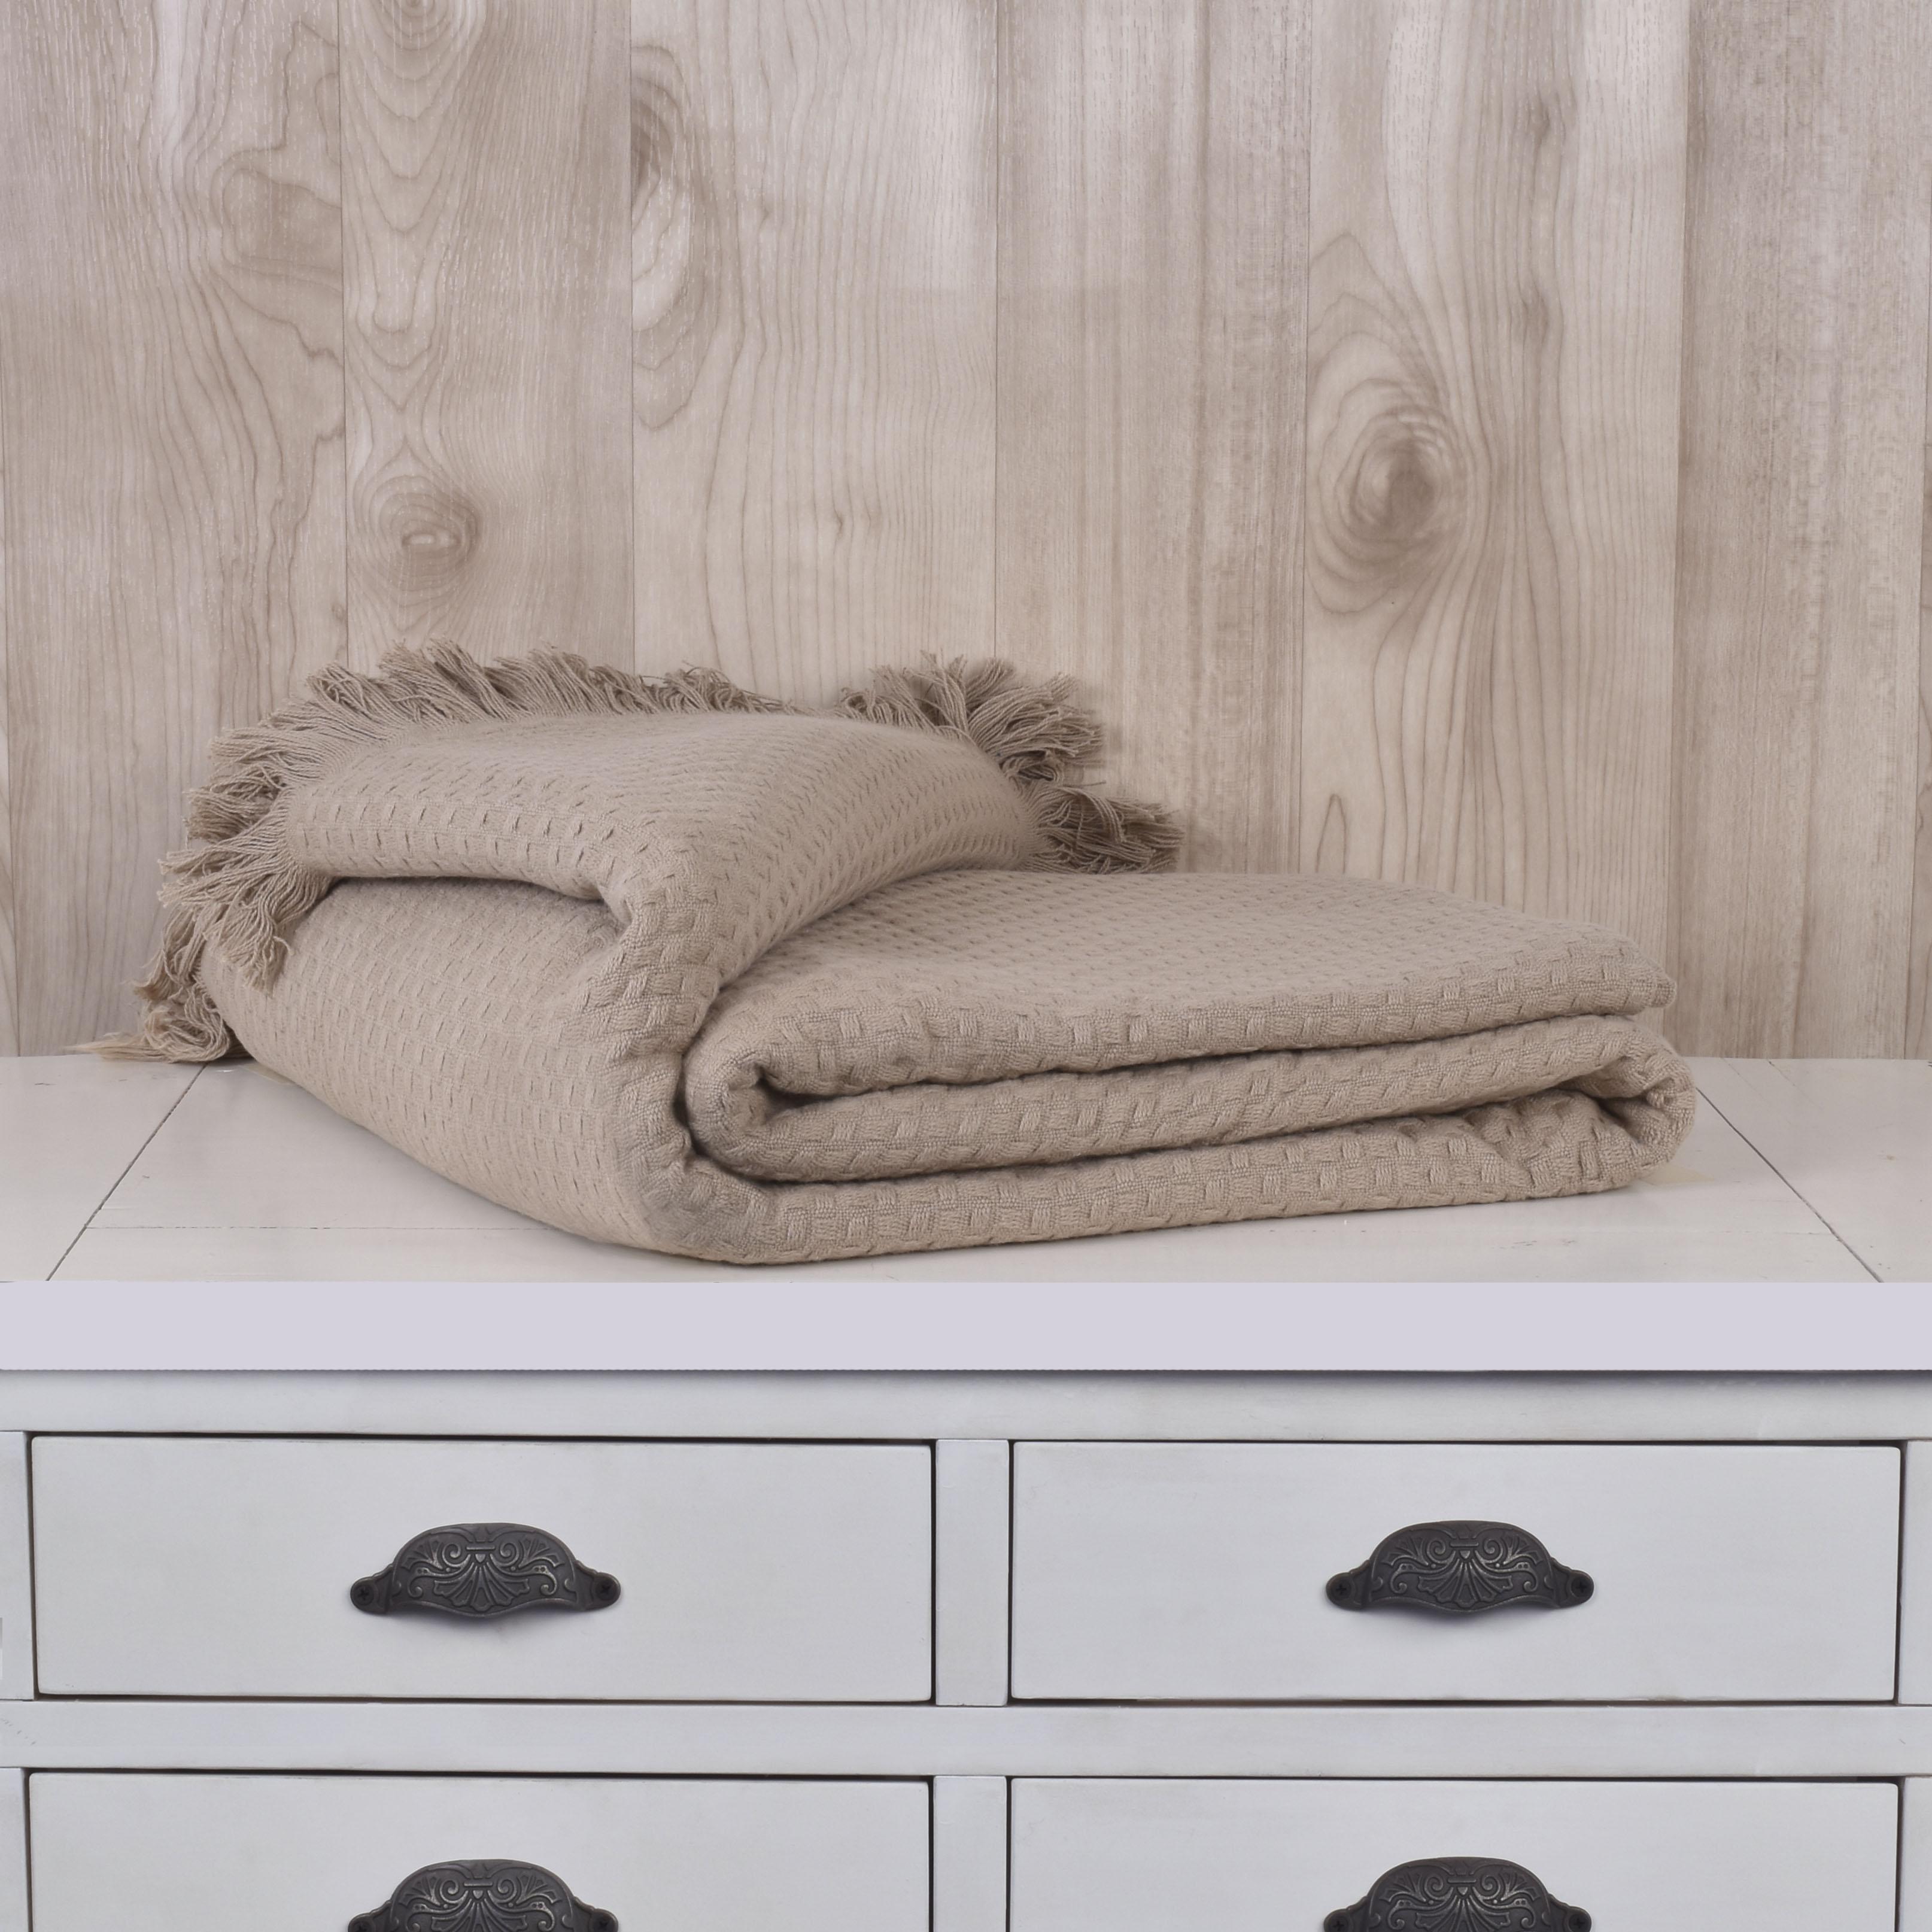 Mantas Cotton / Beige